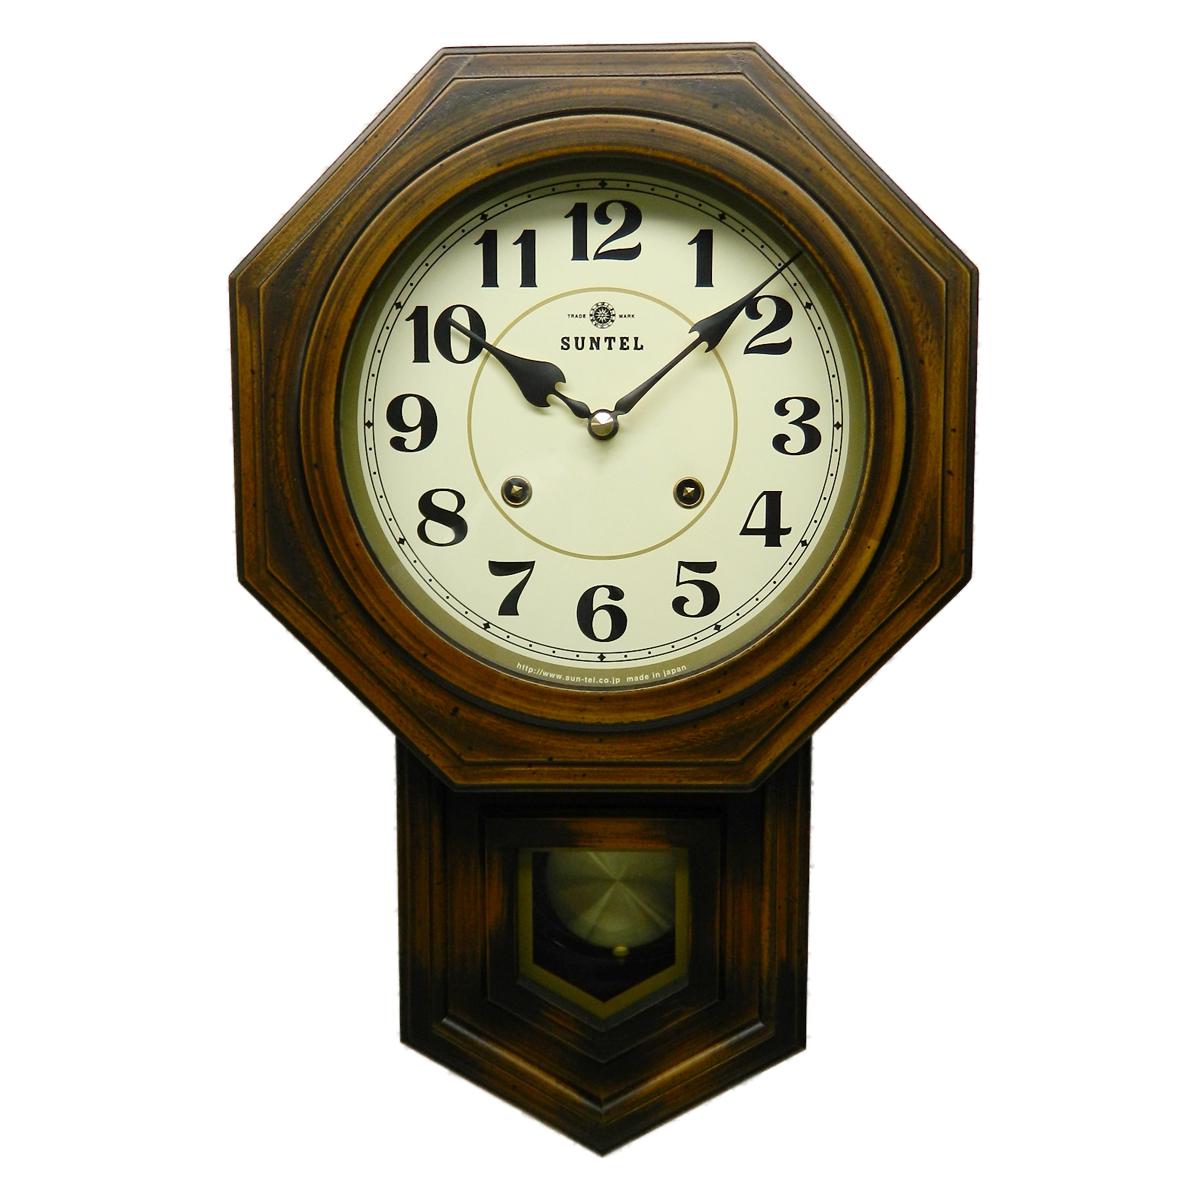 ≪ランキング受賞≫さんてる 八角形 ボンボン 時計 アラビア文字 日本製 木製 日本製 おしゃれ ギフト アラビア文字 ボンボン プレゼント インテリア 父の日, 新品?正規品 :69d15bc2 --- sunward.msk.ru